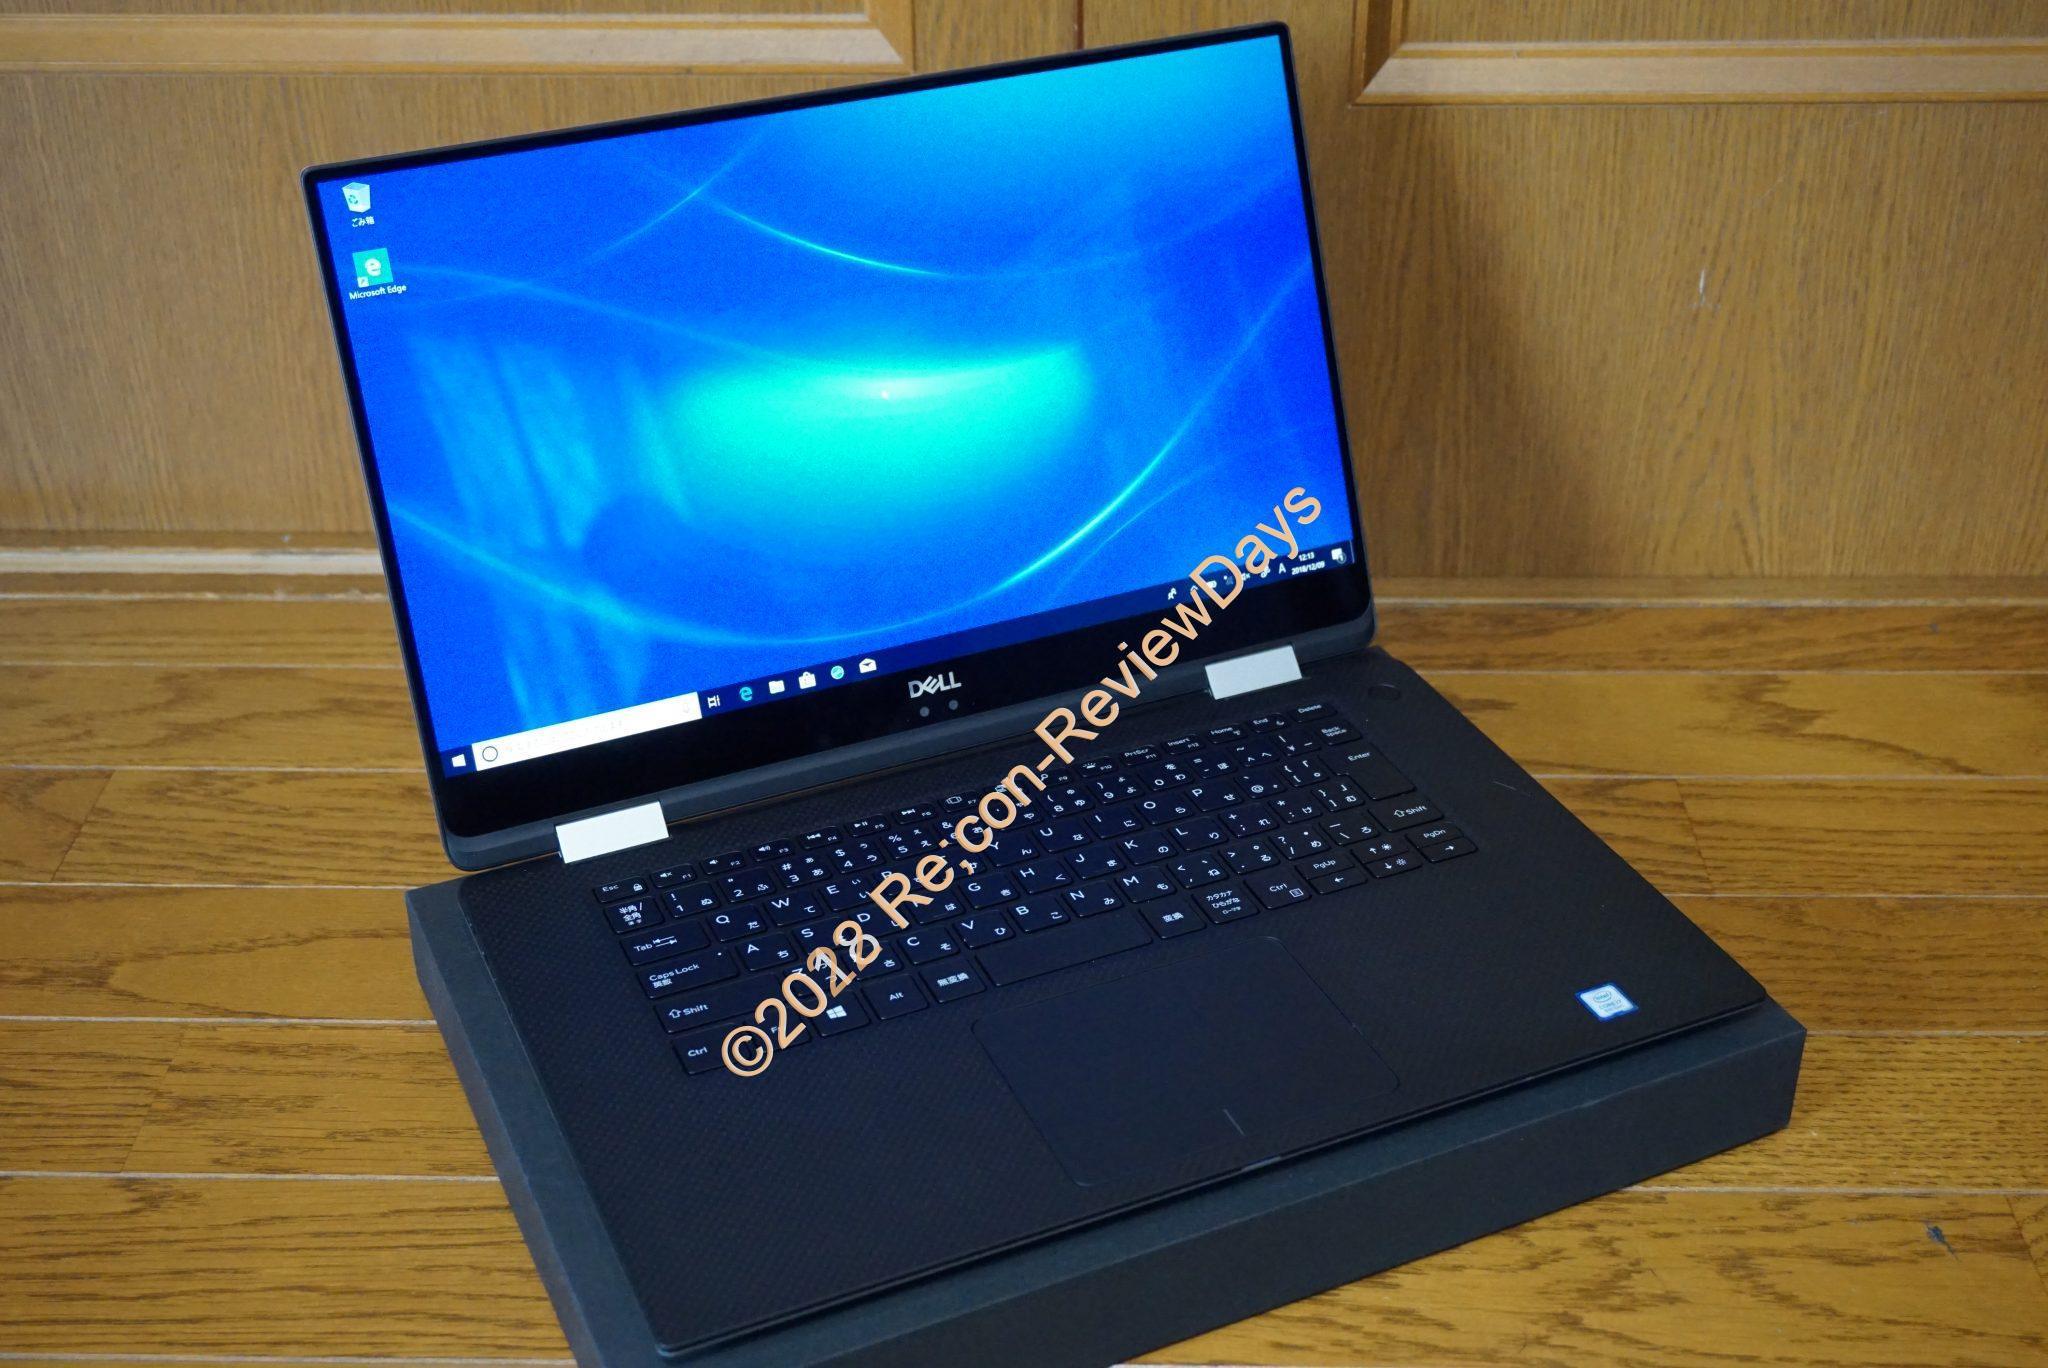 4コア8スレッドのCPUにRadeon RX Vega M GL 4GB HBMを搭載するDELL「New XPS 15 9575 2in1」の外観をチェックする #DELL #DELLアンバサダー